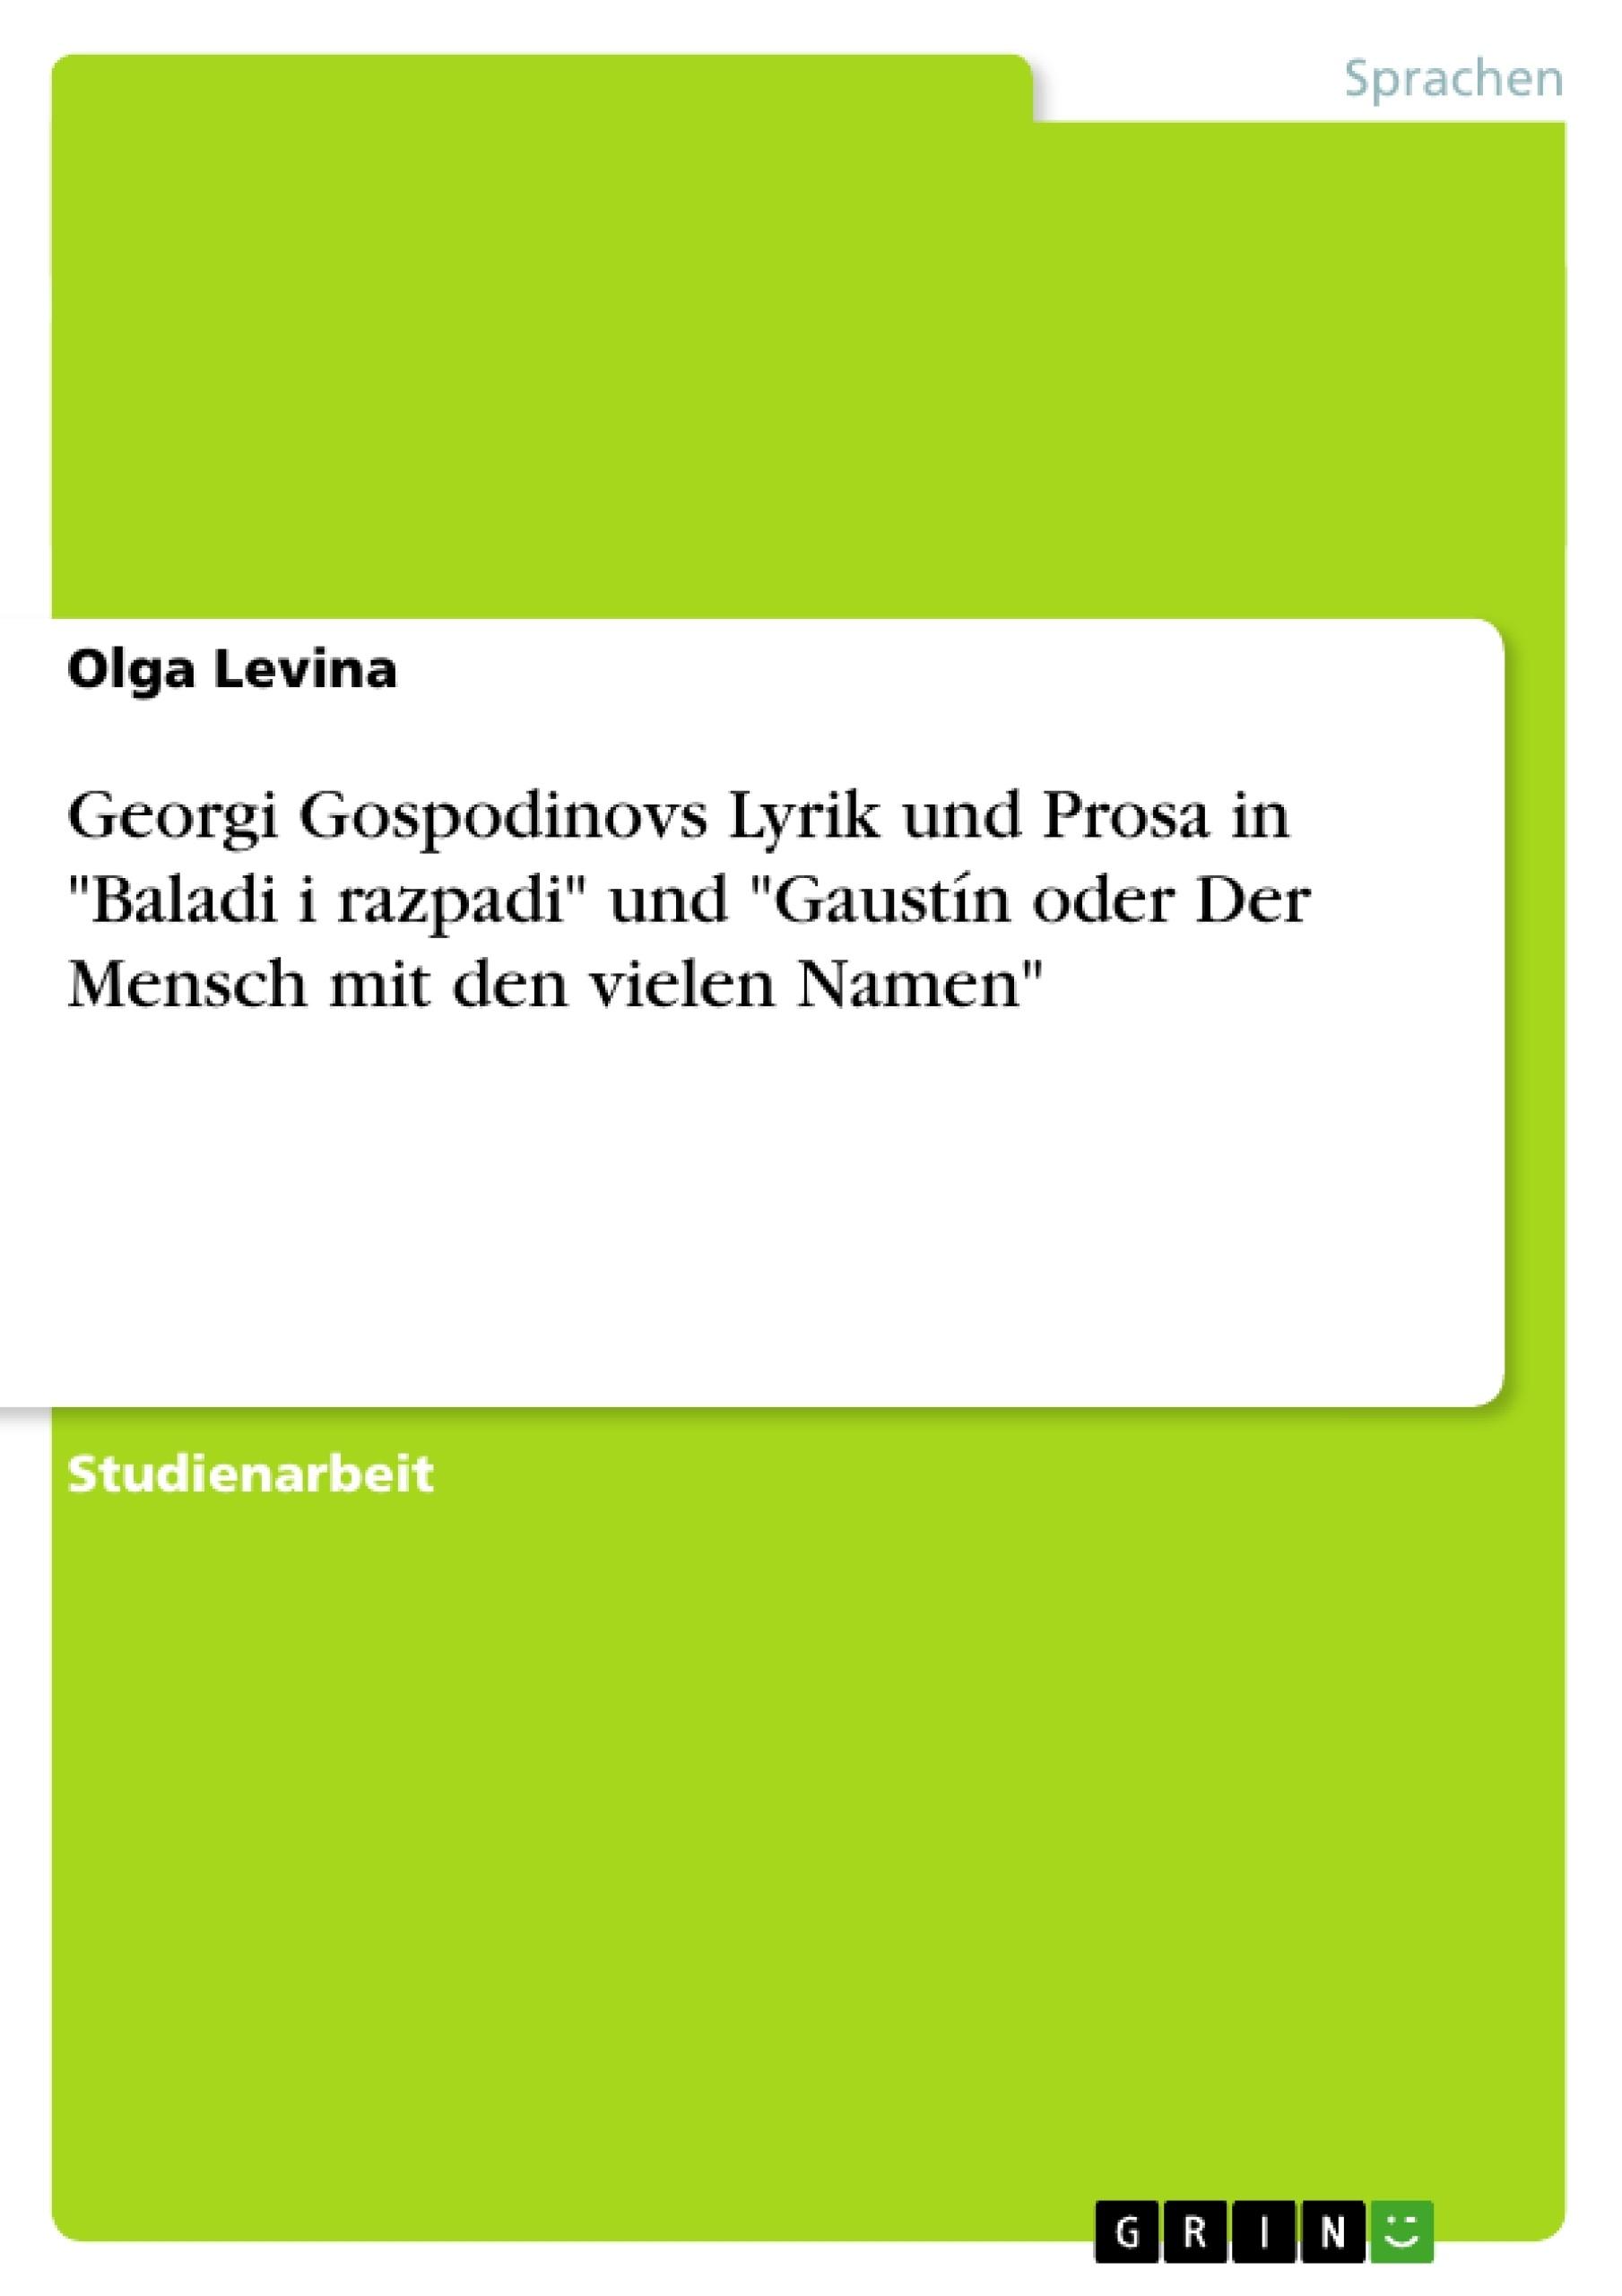 """Titel: Georgi Gospodinovs Lyrik und Prosa in """"Baladi i razpadi"""" und """"Gaustín oder Der Mensch mit den vielen Namen"""""""